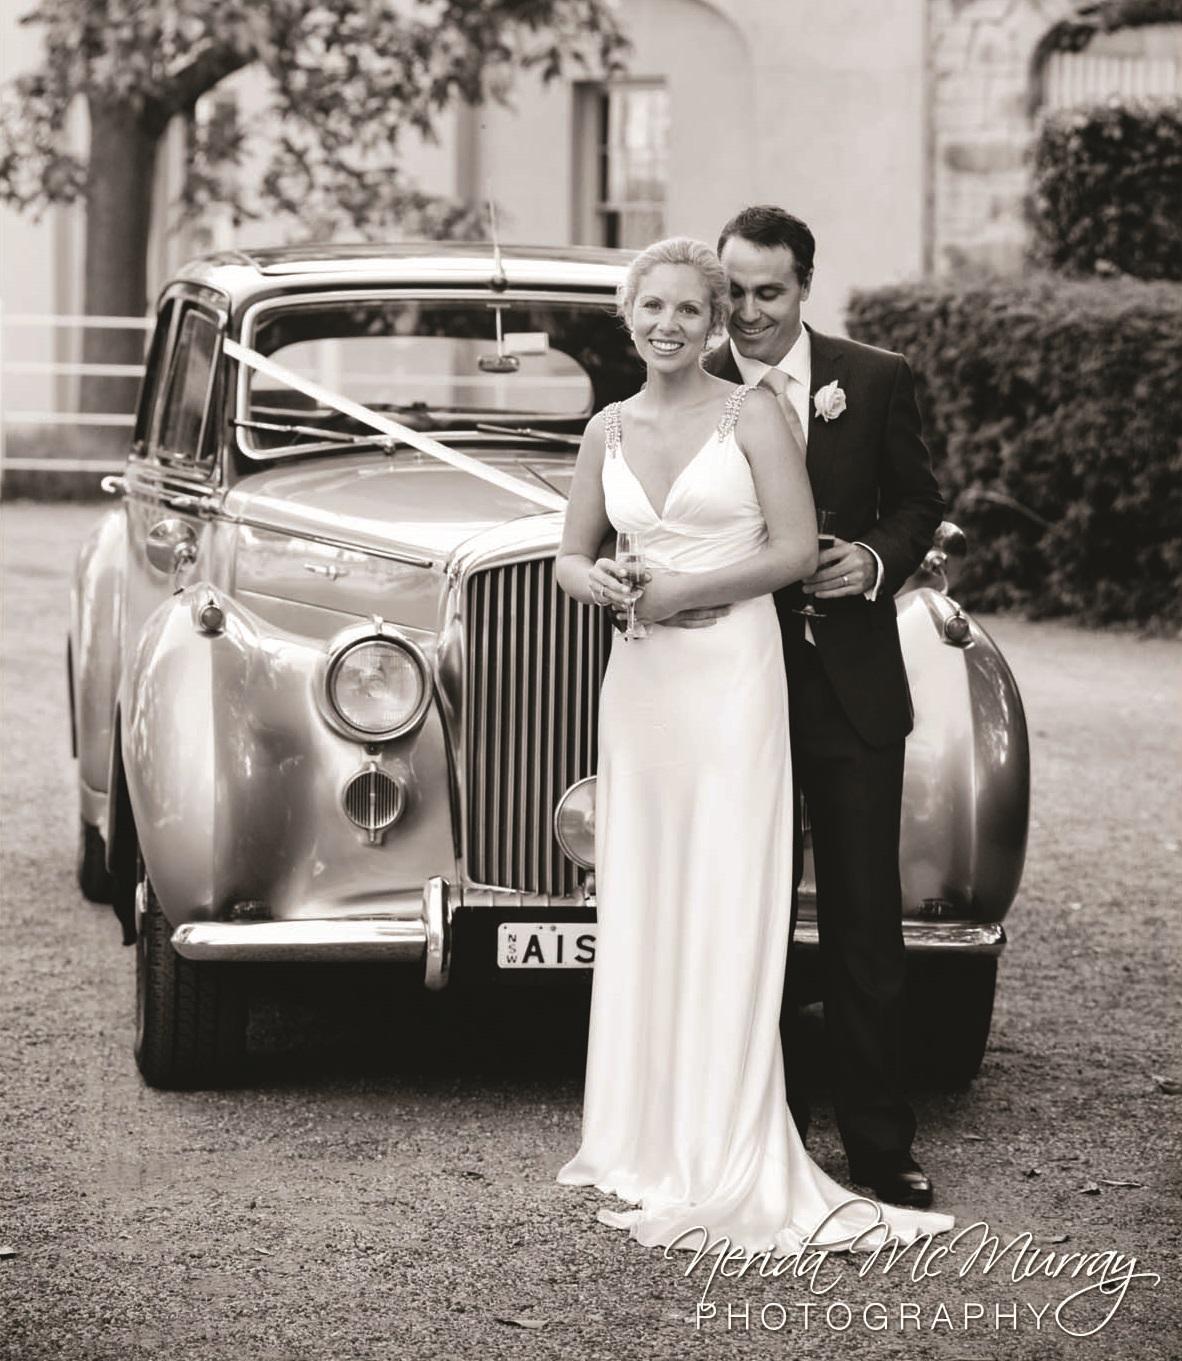 Classic 2 Tone Silver Vintage Wedding Car